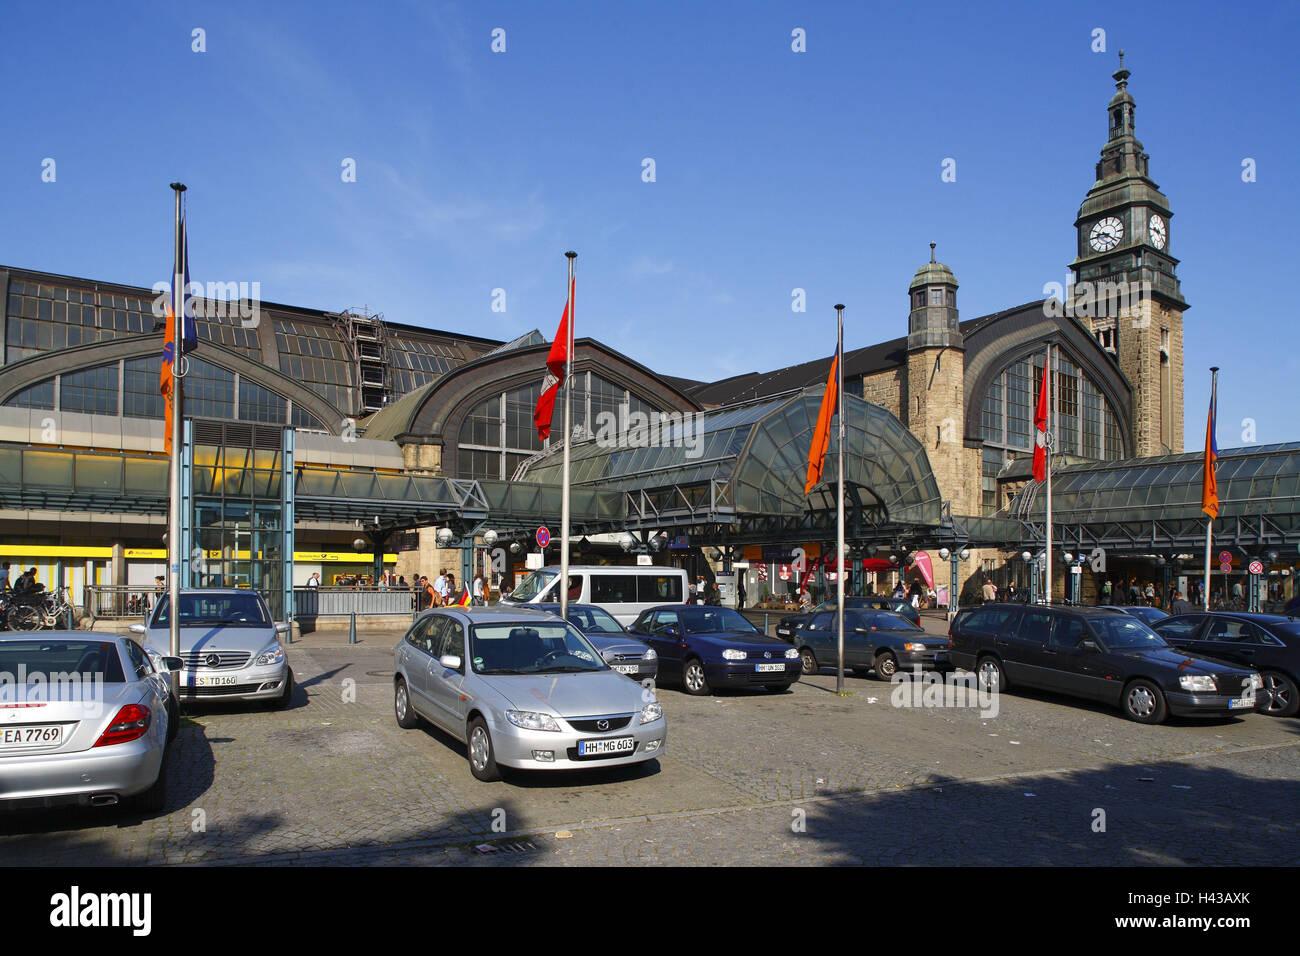 deutschland hamburg hauptbahnhof parkplatz stockfoto bild 123005643 alamy. Black Bedroom Furniture Sets. Home Design Ideas